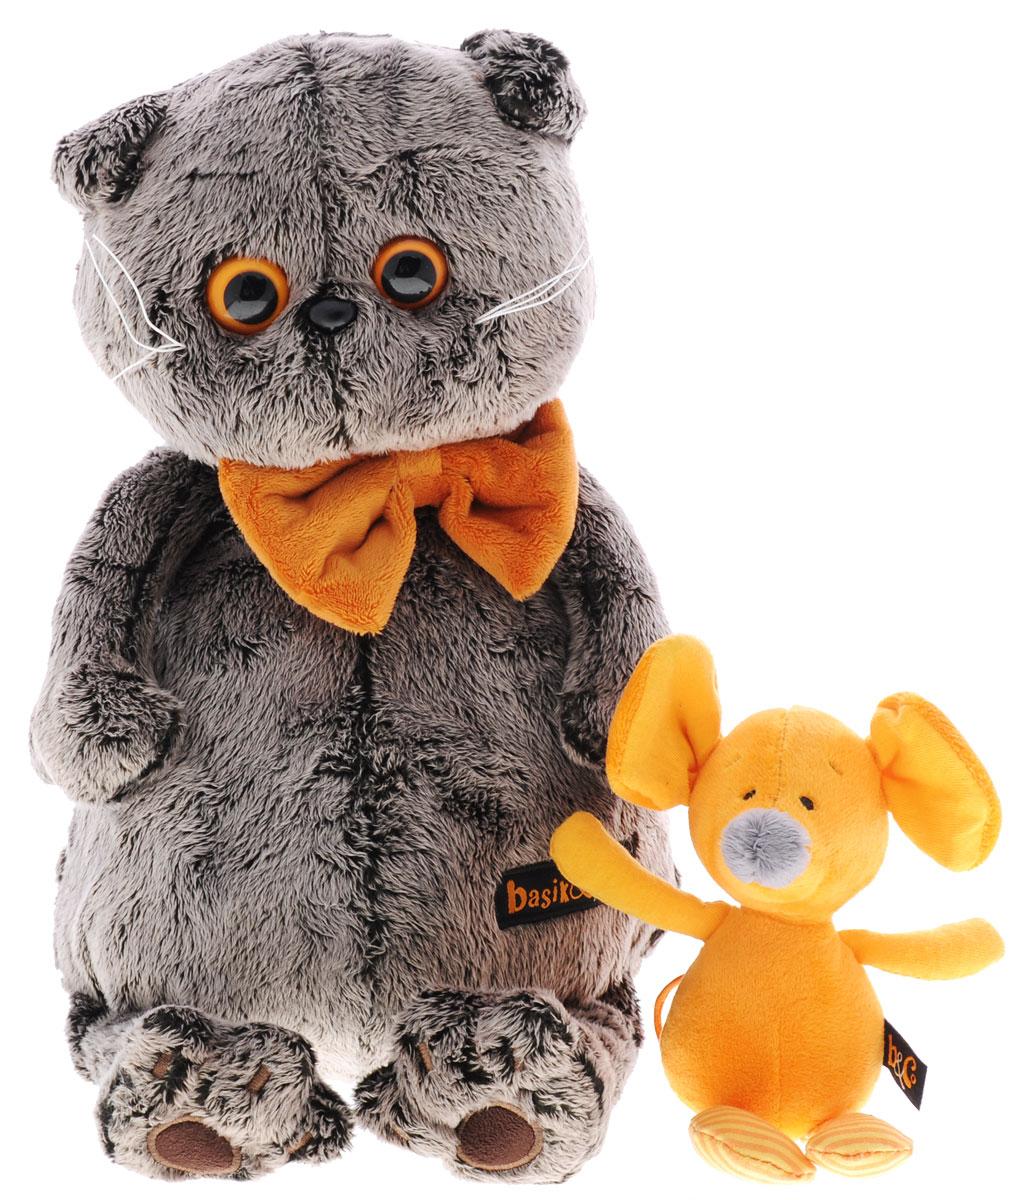 Мягкая игрушка Басик с мышкой Миленой 25 смKs25-052Мягкая игрушка Басик с мышкой Миленой подарит малышу немало прекрасных мгновений. Дети очень трепетно относятся к домашним животным, особенно они любят котов и собак и часто просят своих родителей приобрести им такого друга. Однако домашние питомцы не всегда хорошо влияют на детей - они могут поцарапать и даже вызвать аллергическую реакцию, поэтому приходят на помощь мягкие игрушки, очень похожие на настоящих питомцев. С этим шотландским вислоухим котиком можно играть, отдыхать и засыпать в обнимку, рассказывая свои секреты. У него густая плюшевая шерстка, которую так приятно гладить. У Басика круглые медовые глазки, маленькие ушки и черный носик. На Басике надета оранжевая бабочка на резинке. В комплекте с Басиком идет его подружка - оранжевая мышка Милена. Мягкие игрушки очень полезны для малышей, потому что весьма позитивно влияют на детскую нервную систему, прогоняя всевозможные страхи. Играя, малыш развивает фантазию и воображение, развивает тактильную...